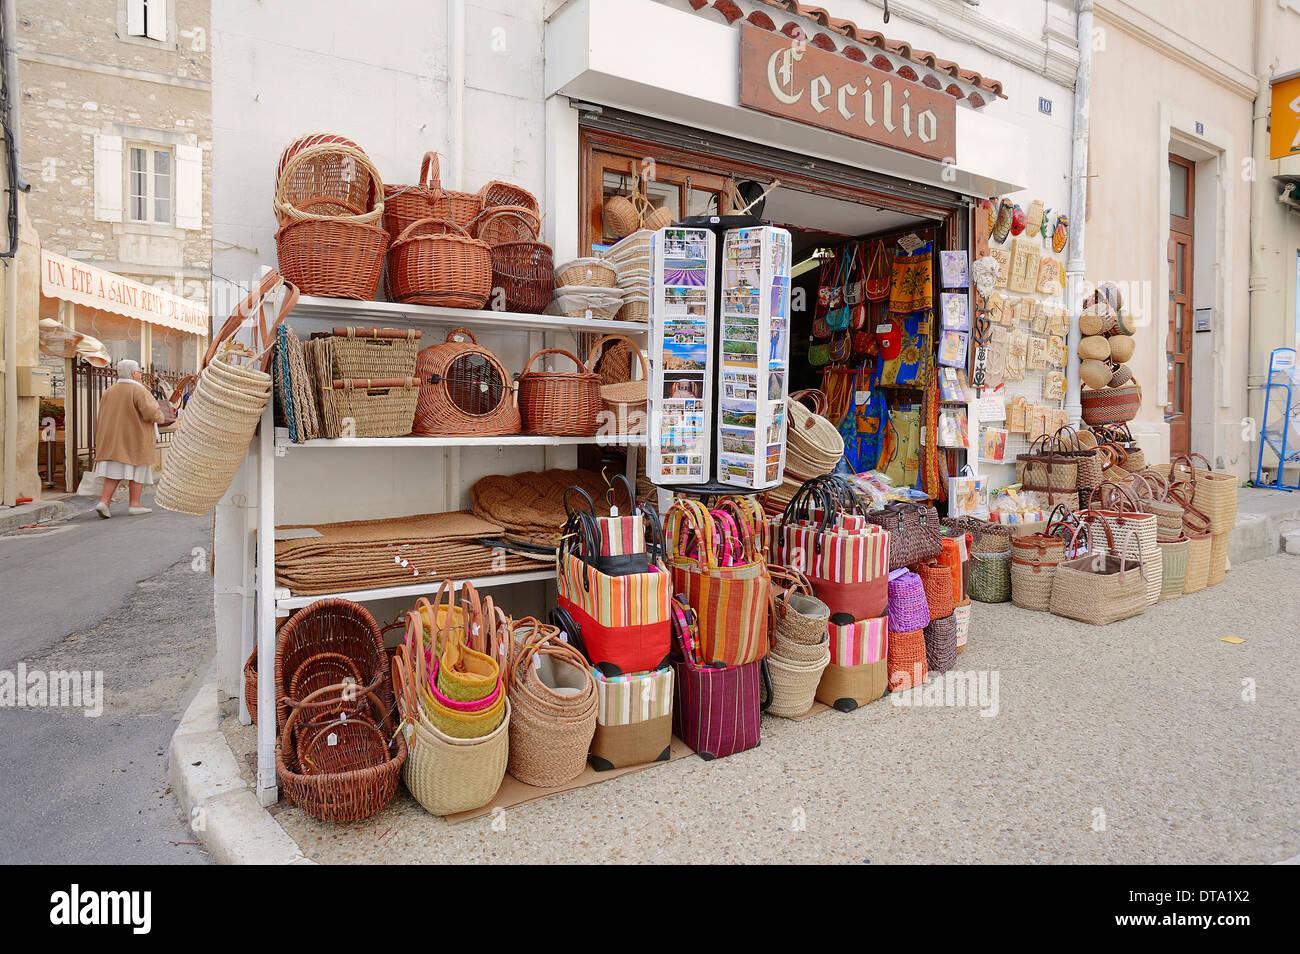 Cadeaux, Saint Remy-de-Provence, Bouches-du-Rhône, Provence-Alpes-Côte d'Azur, dans le sud de la France, France Photo Stock